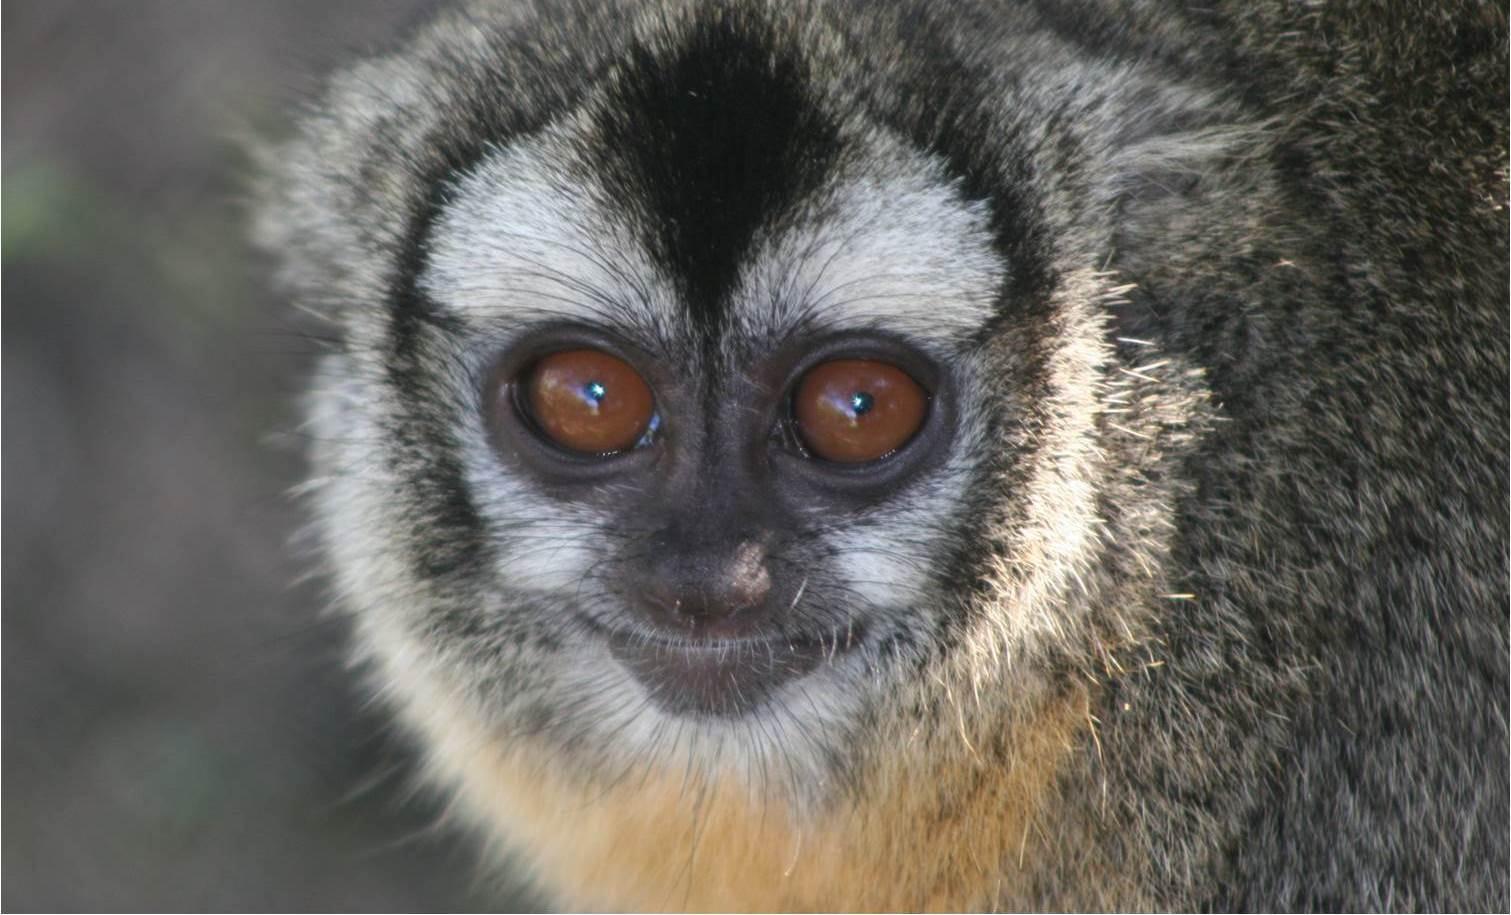 Image: Owl monkey